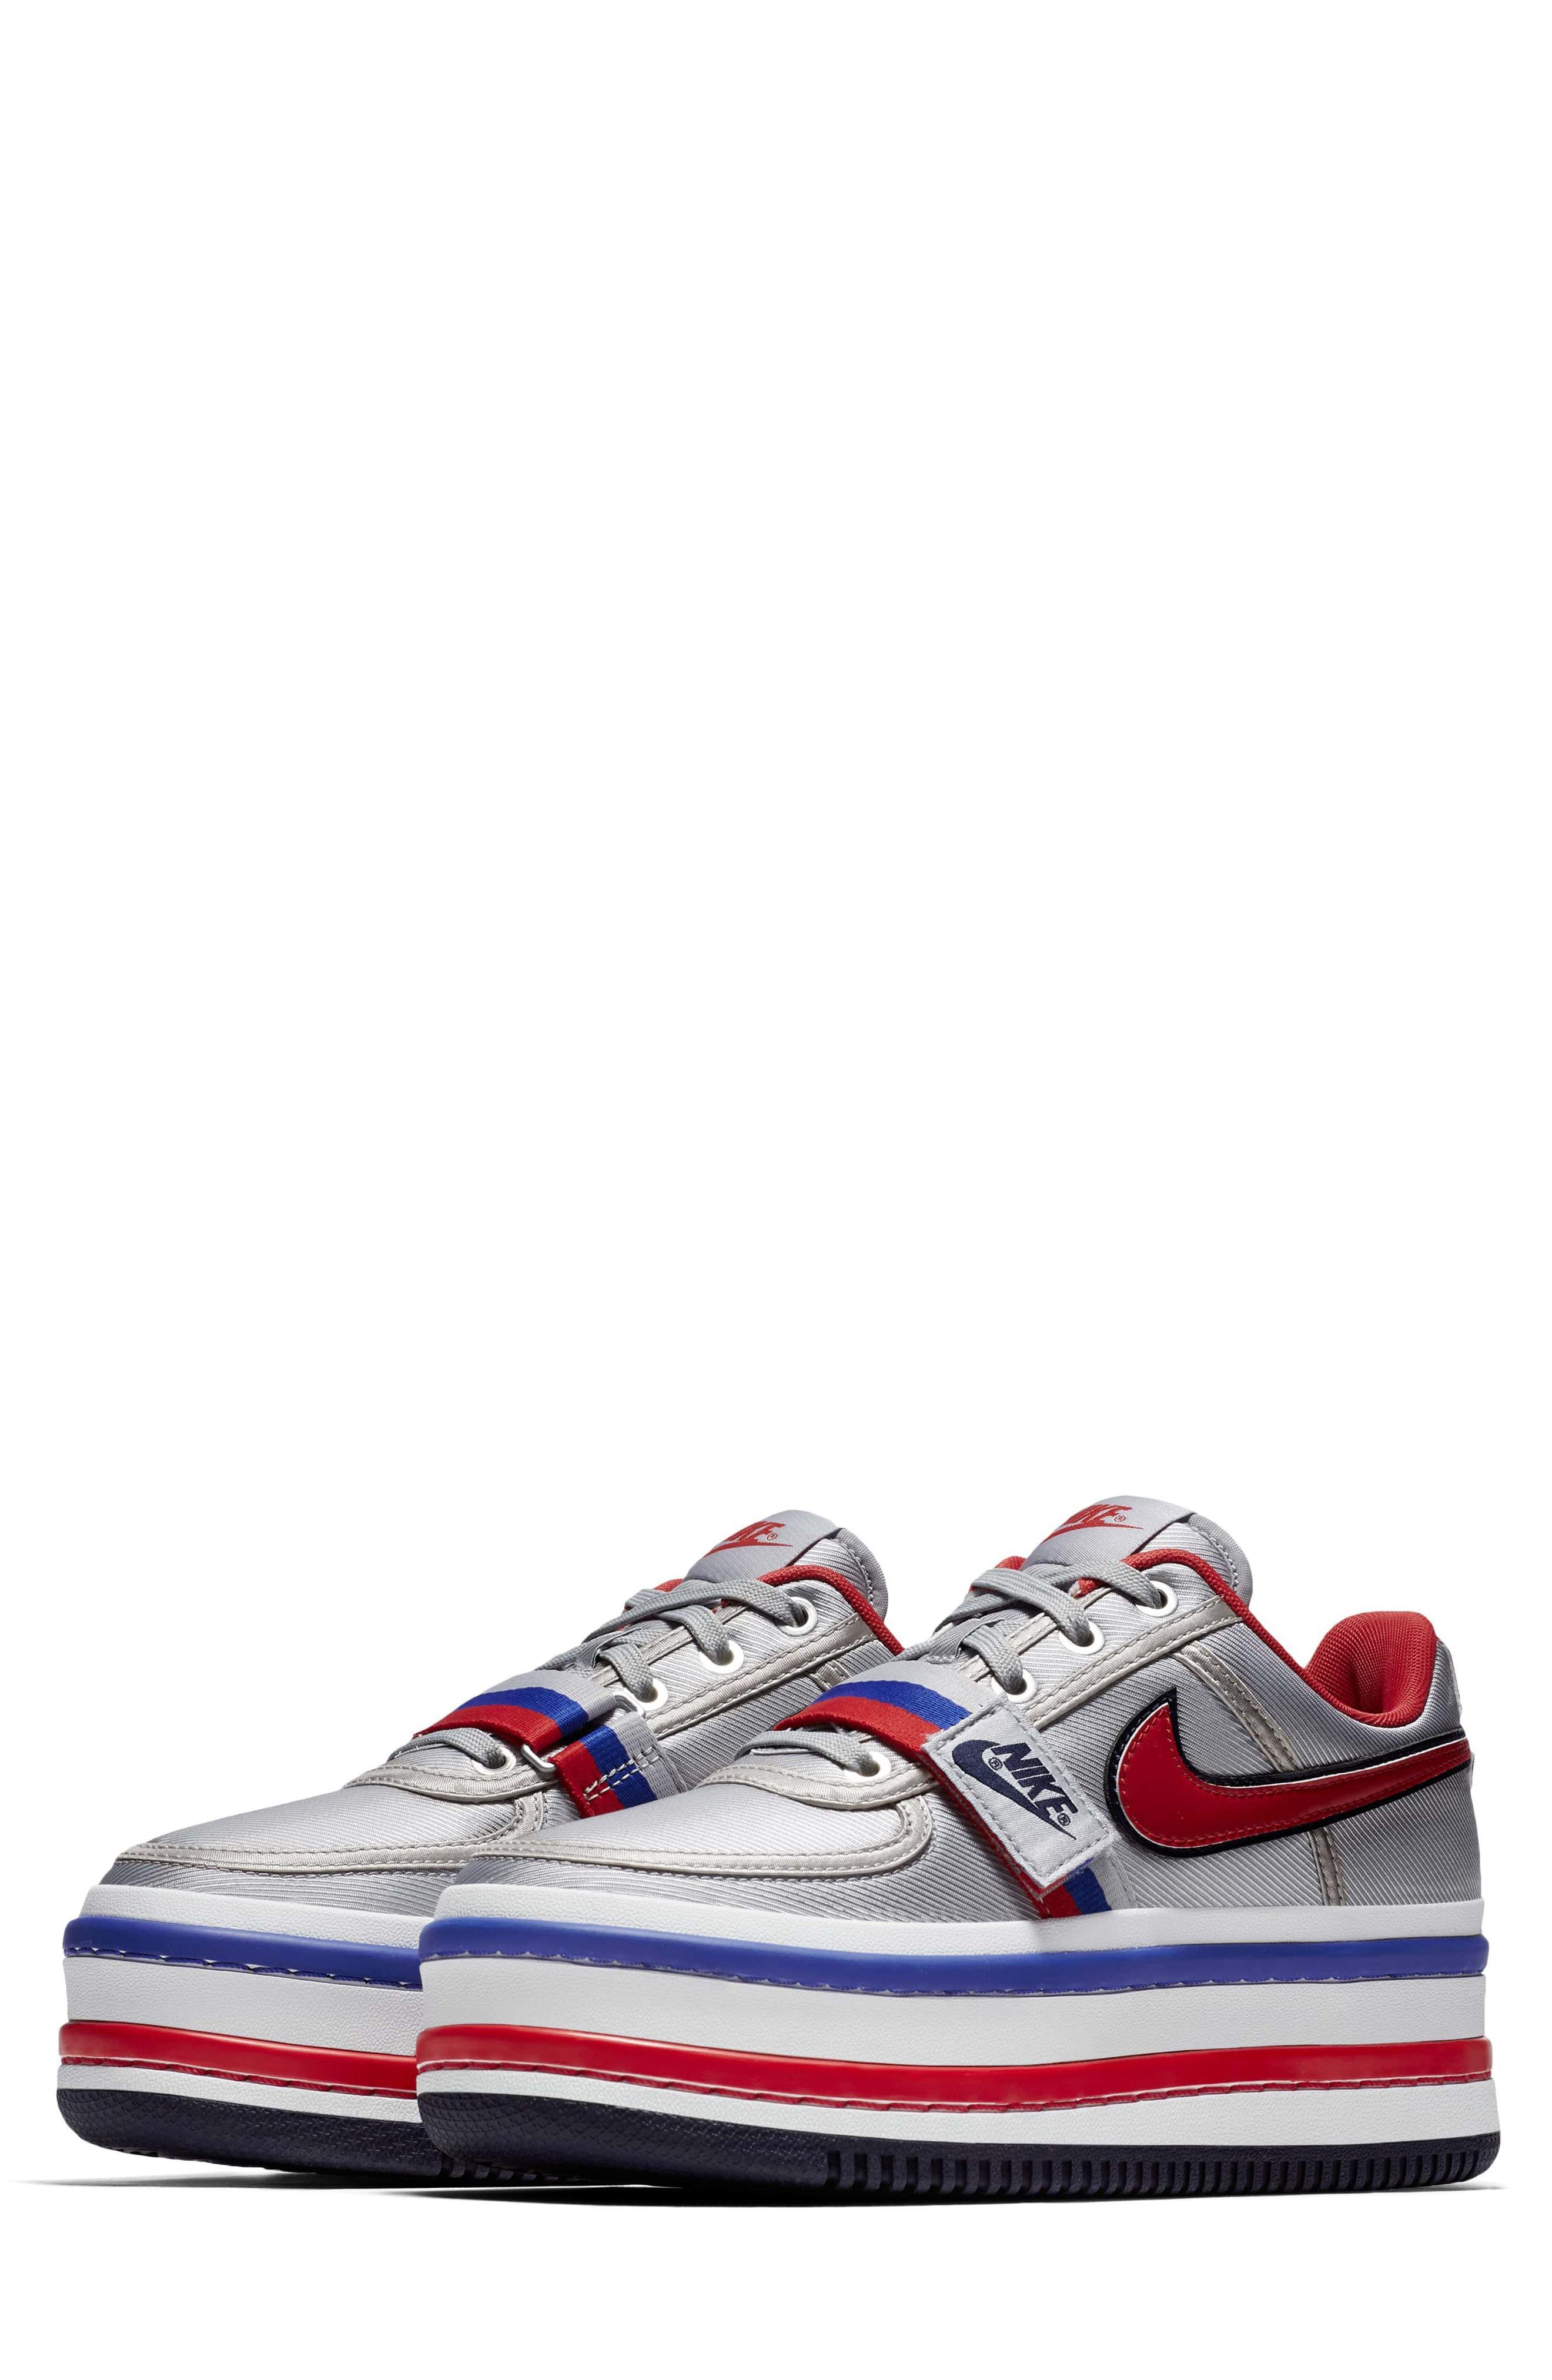 Lyst - Nike Vandal 2k Sneaker c76799ef5